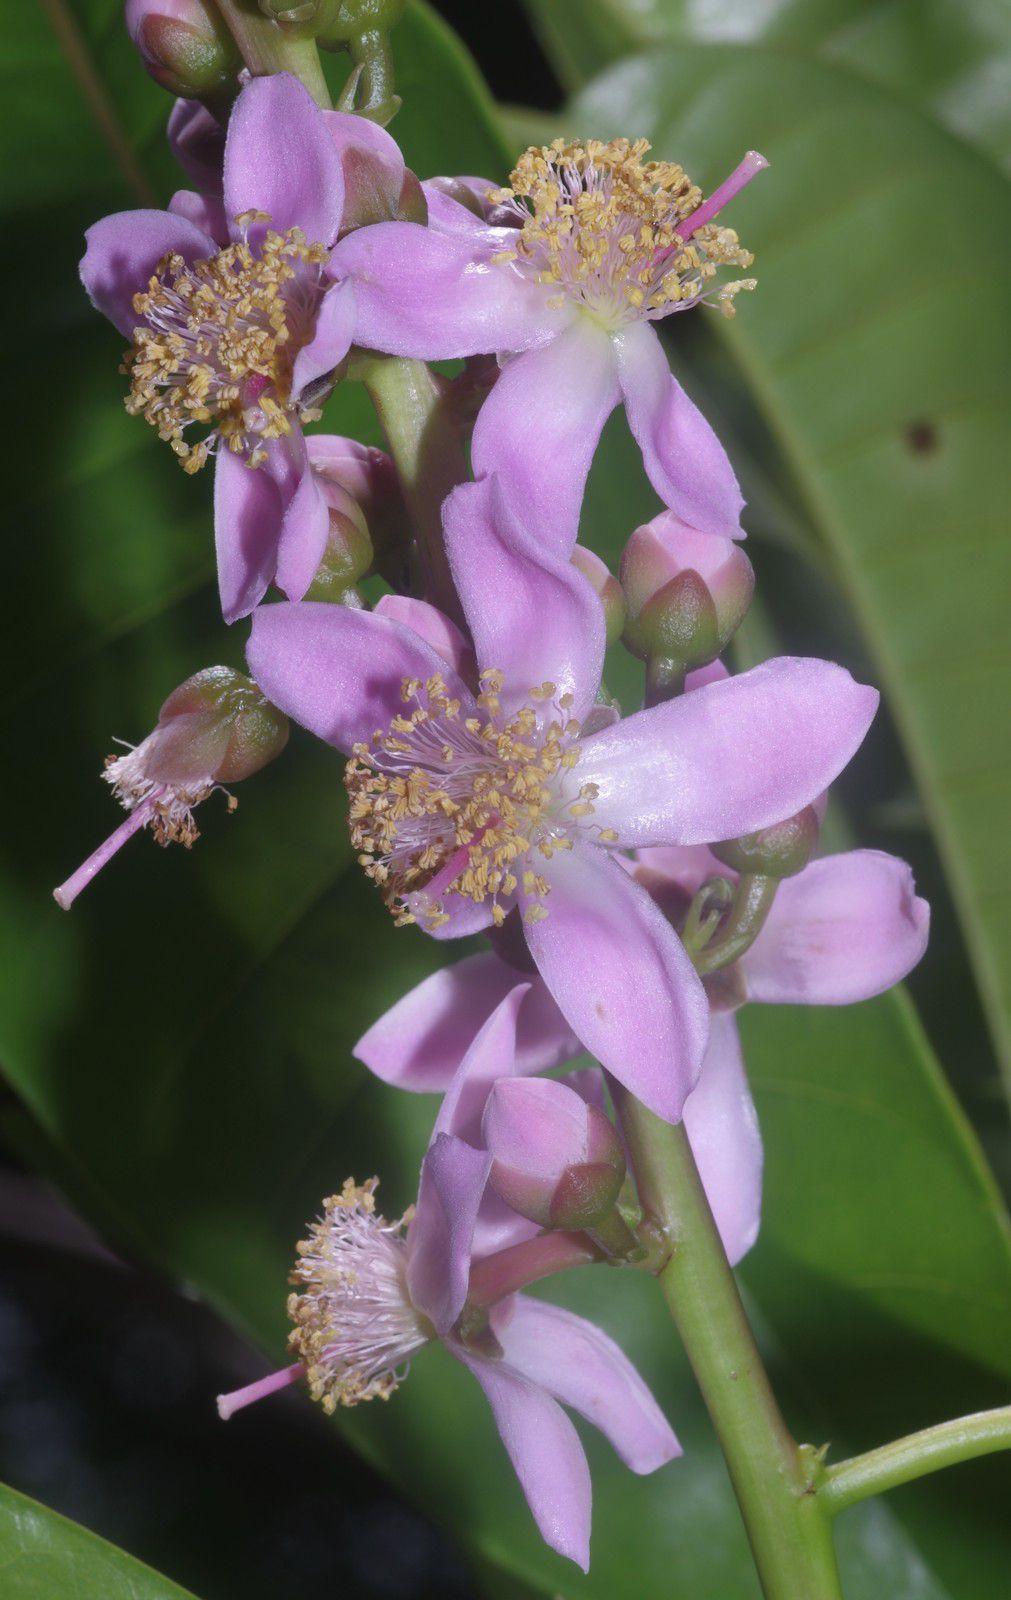 Mahurea palustris